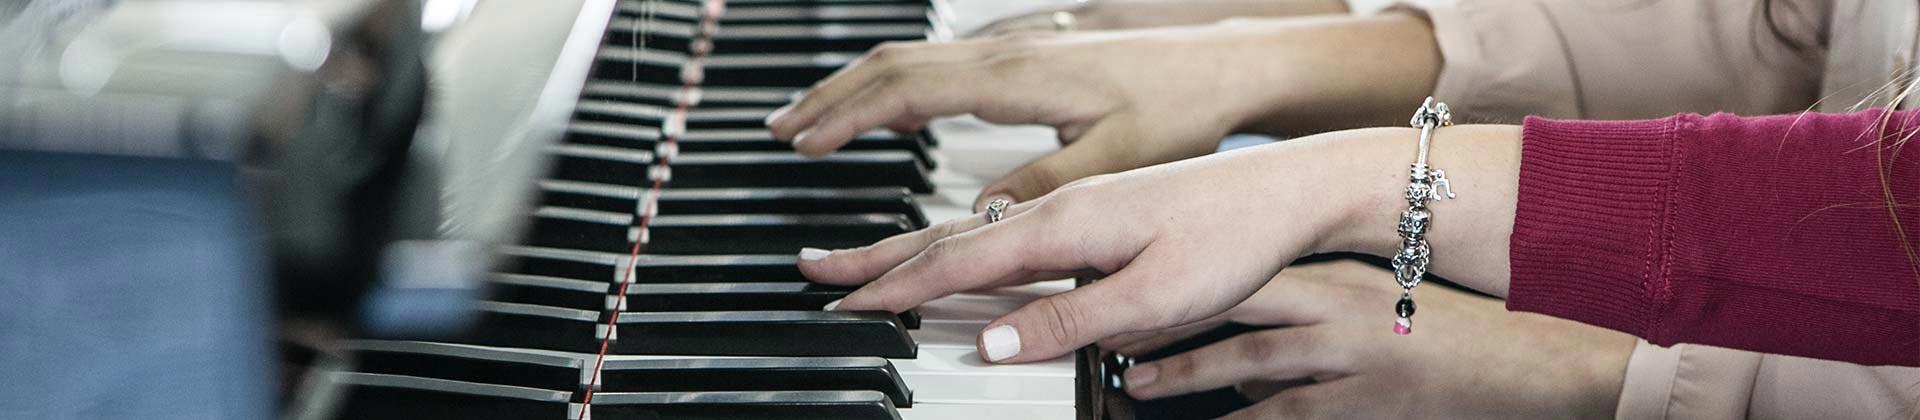 תואר שני בחינוך מוזיקלי